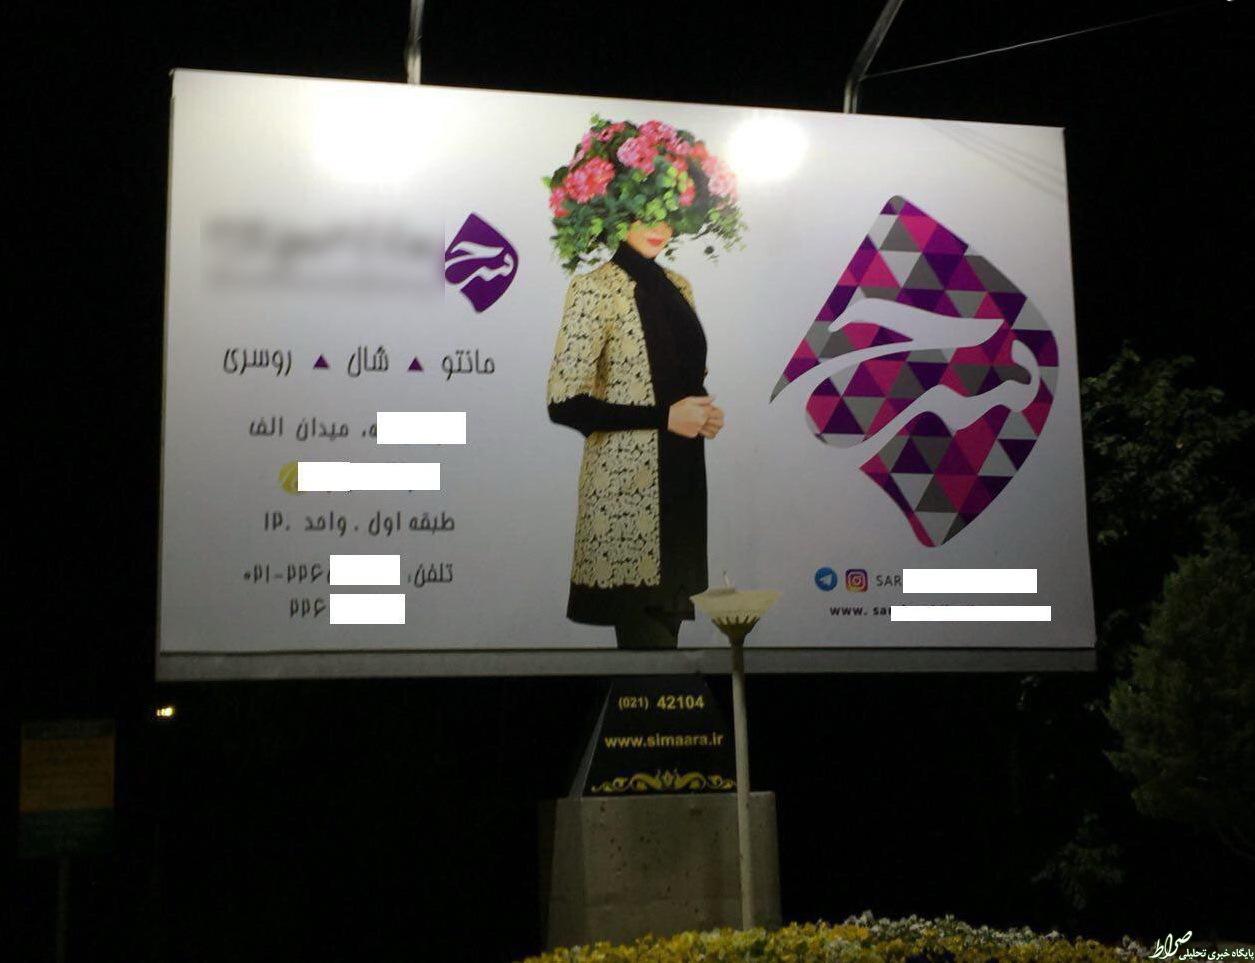 عکس/ تبلیغ نامتعارف روسری در بام تهران